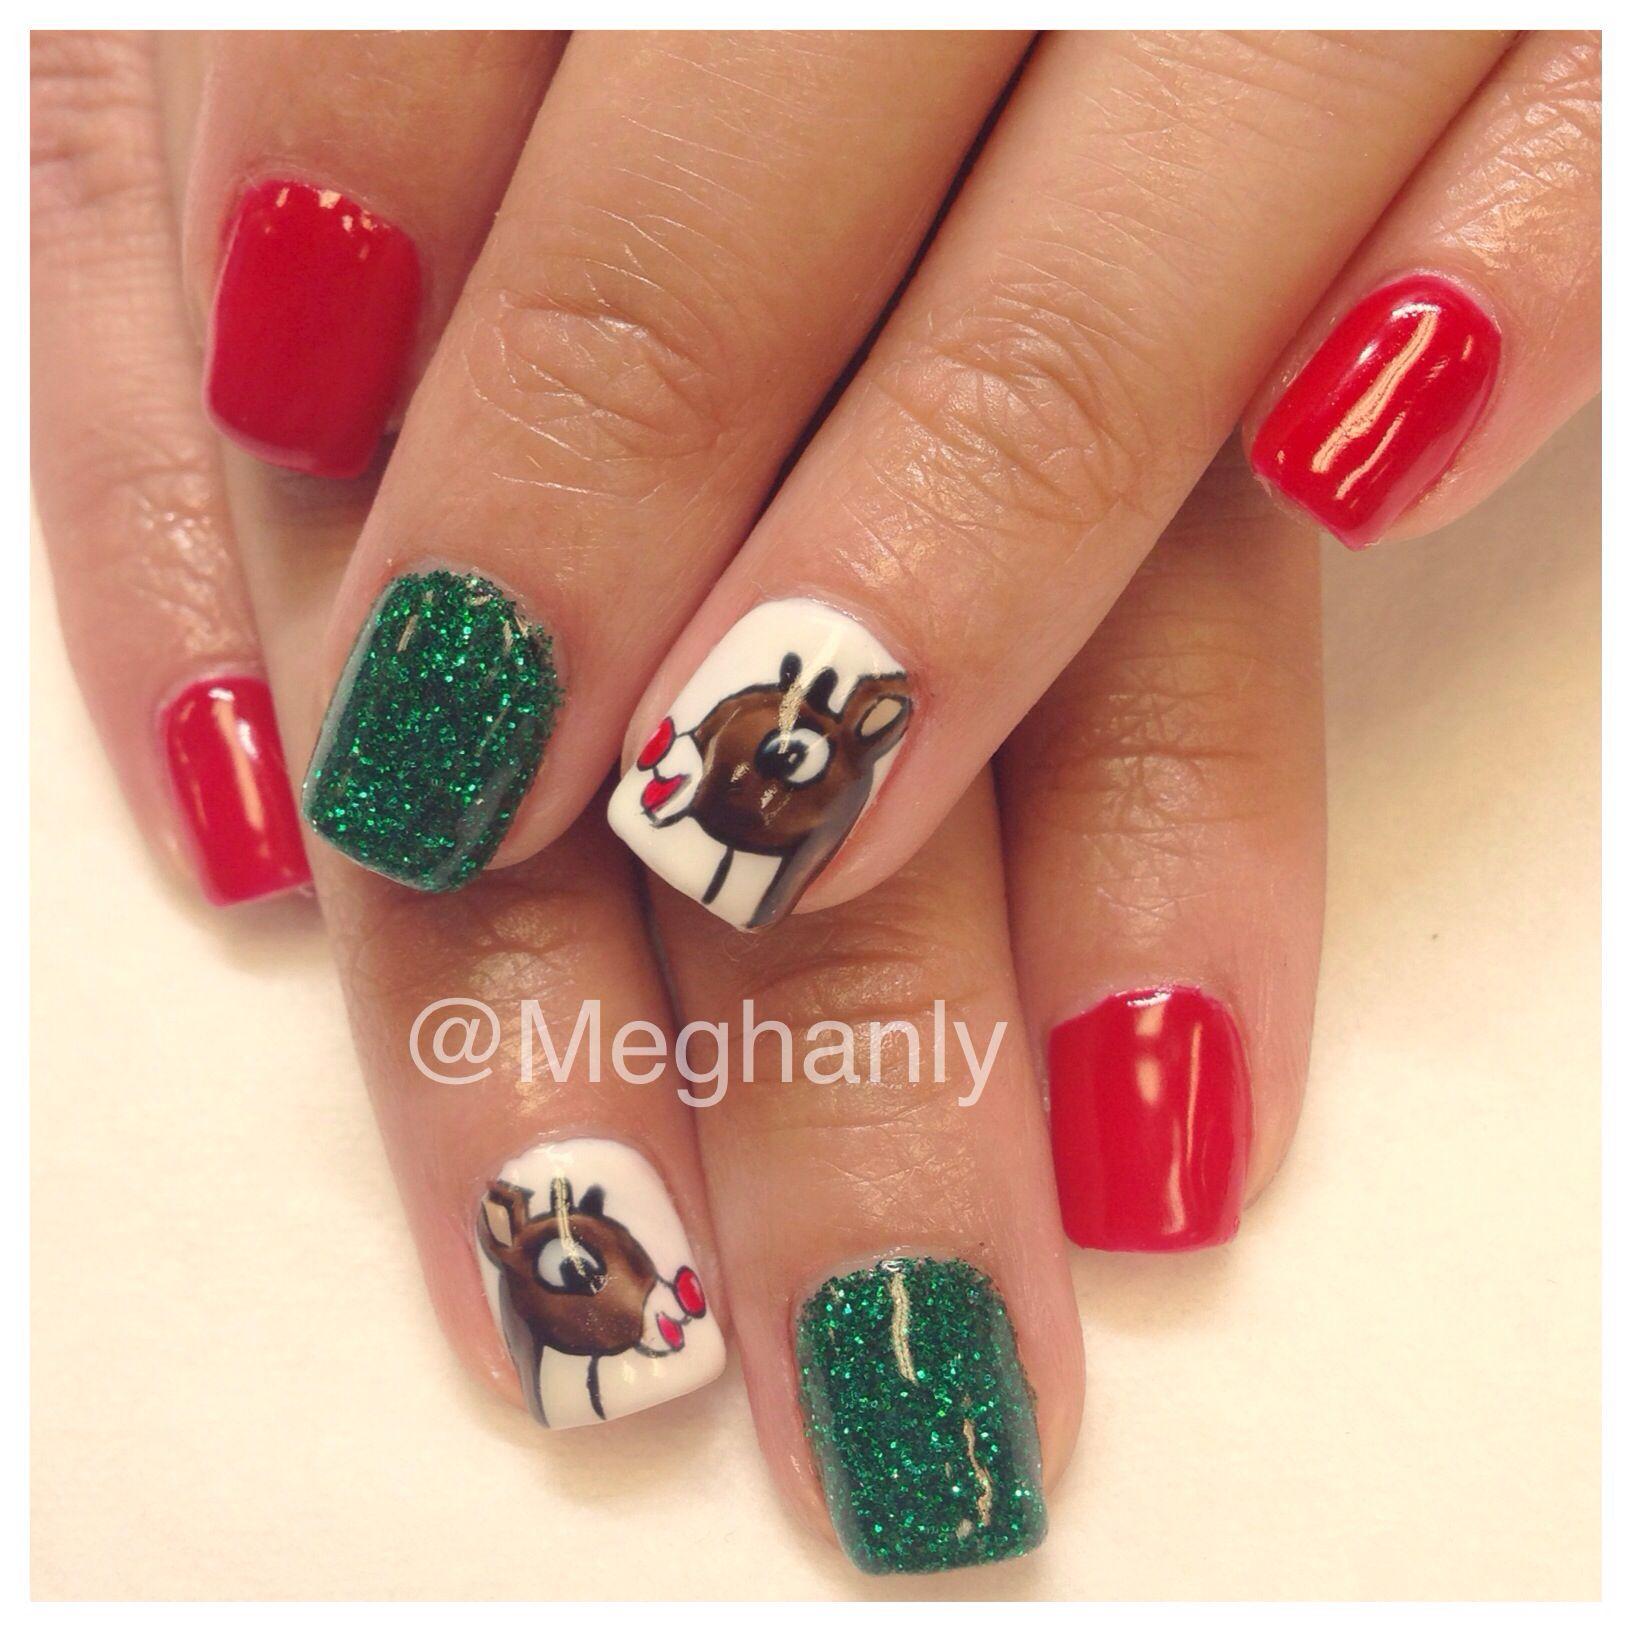 Rudolph nails winter nail art Christmas nails   Nails by me ...